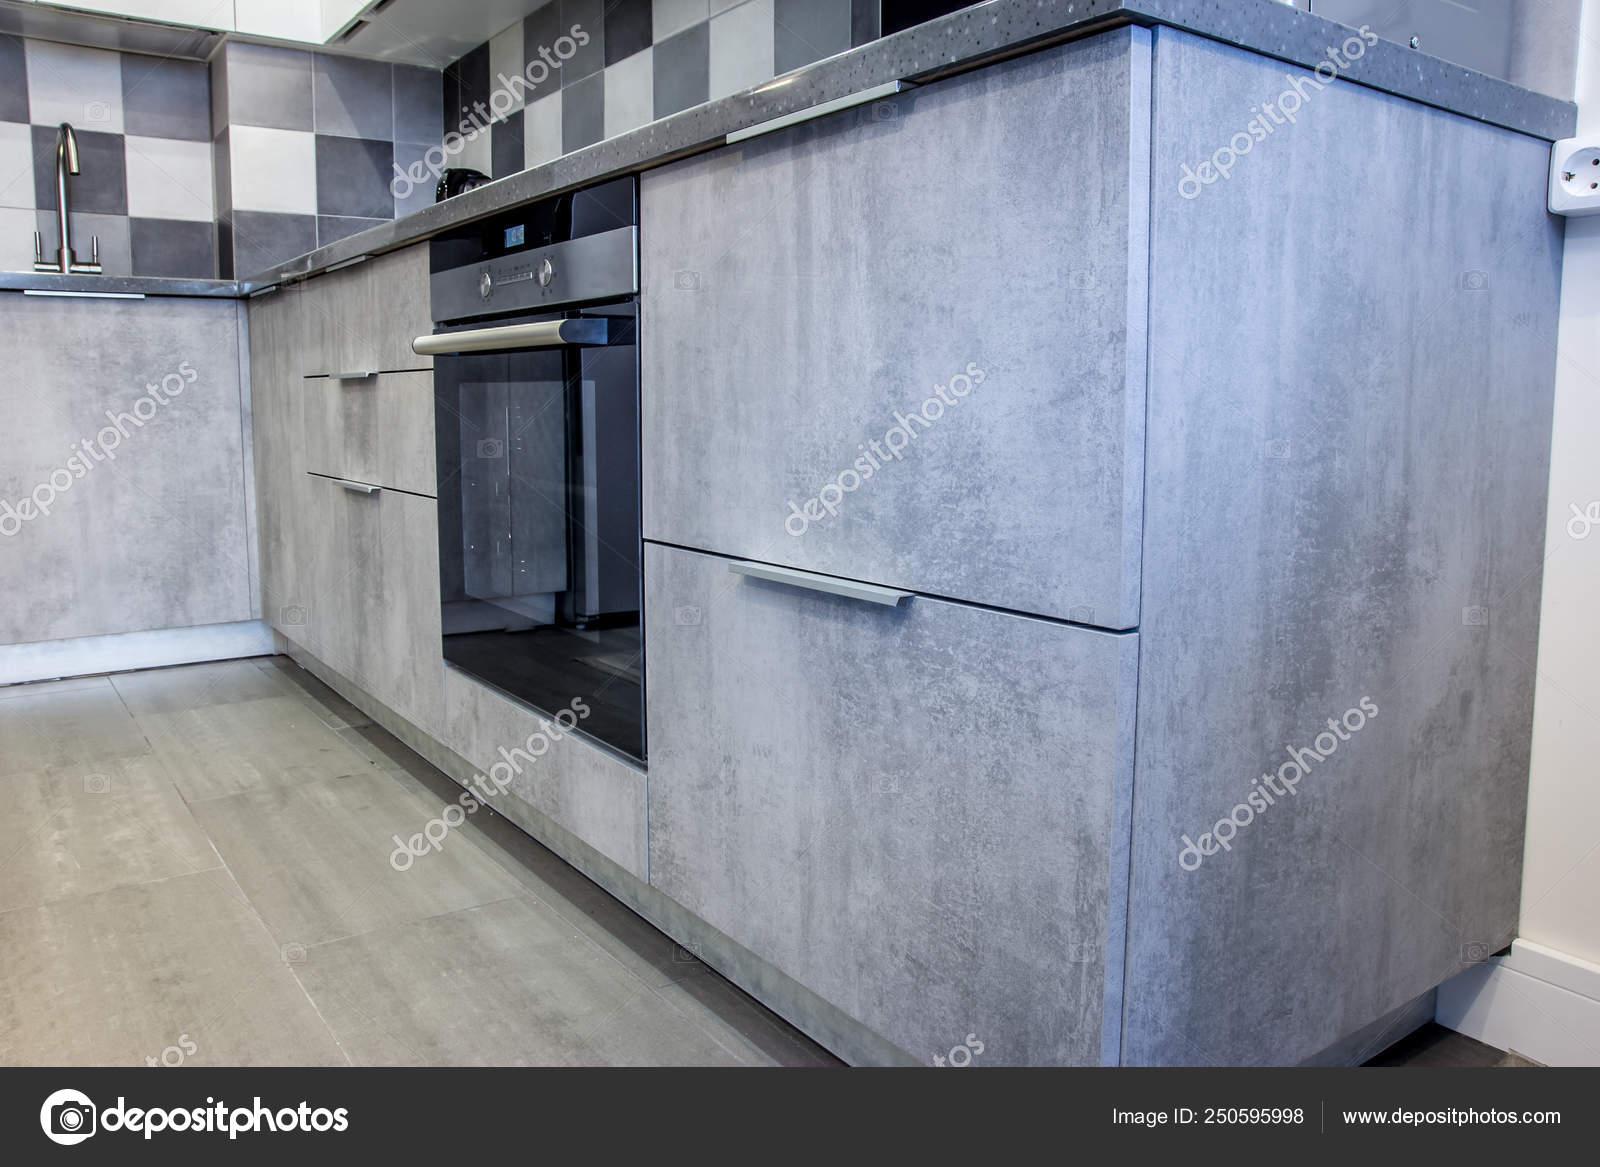 gabinetes de cocina en cemento Elementos Decoracin Cocina Hogar Interior Con Gris Cemento